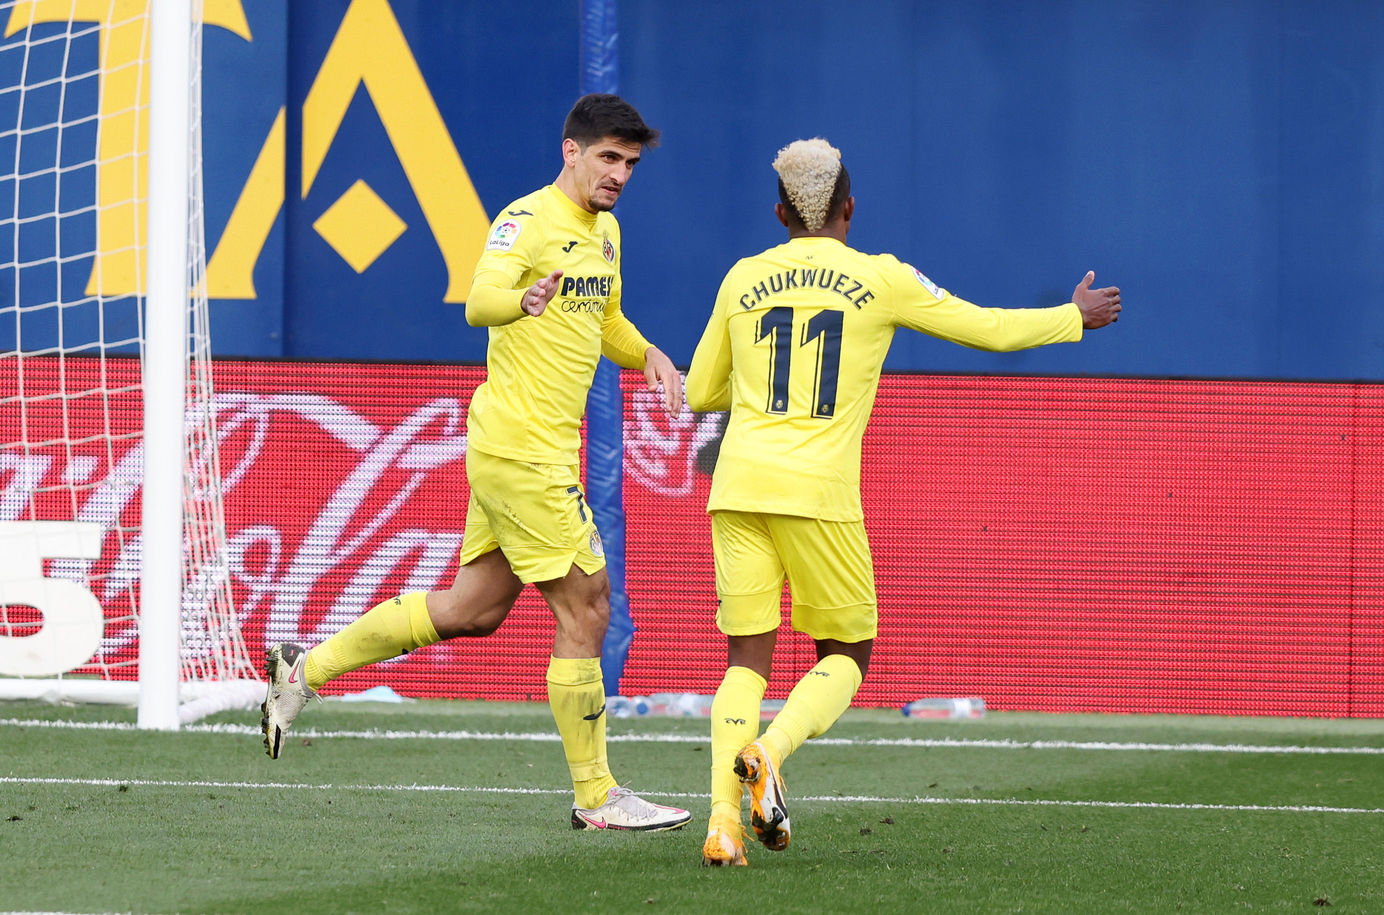 Амбіції під тиском. UA-Футбол представляє суперника: Вільярреал (Іспанія) - изображение 3